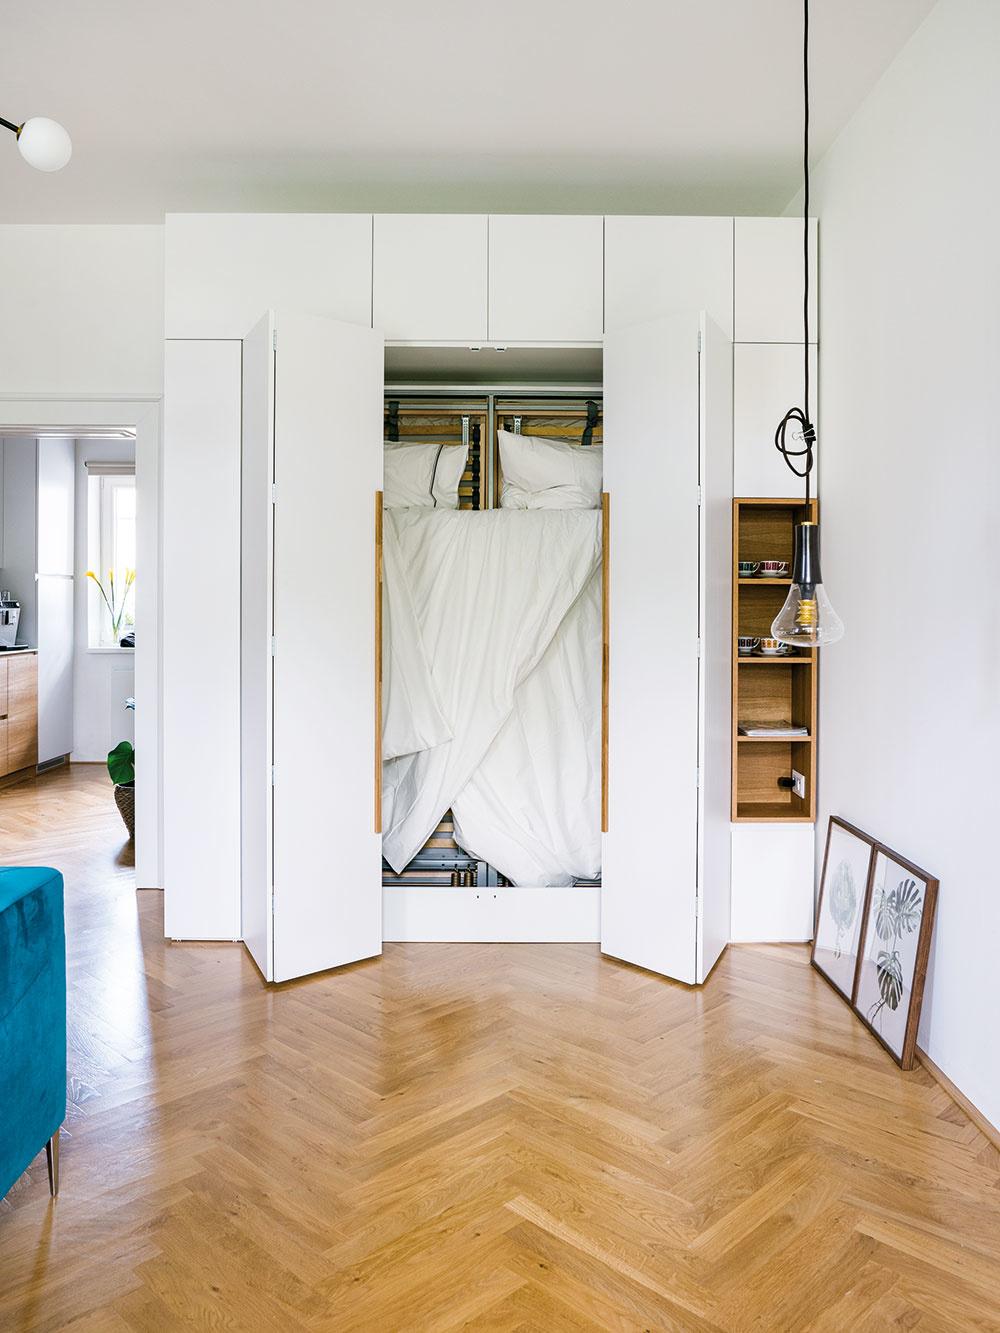 Sklápacia posteľ zabudovaná vskrini je vjednoizbovom byte šikovným riešením. Treba ju síce každý večer aráno skladať, ak ale nechcete mať zmalého bytu veľkú spálňu, musíte rovnako skladať aj rozťahovací gauč.